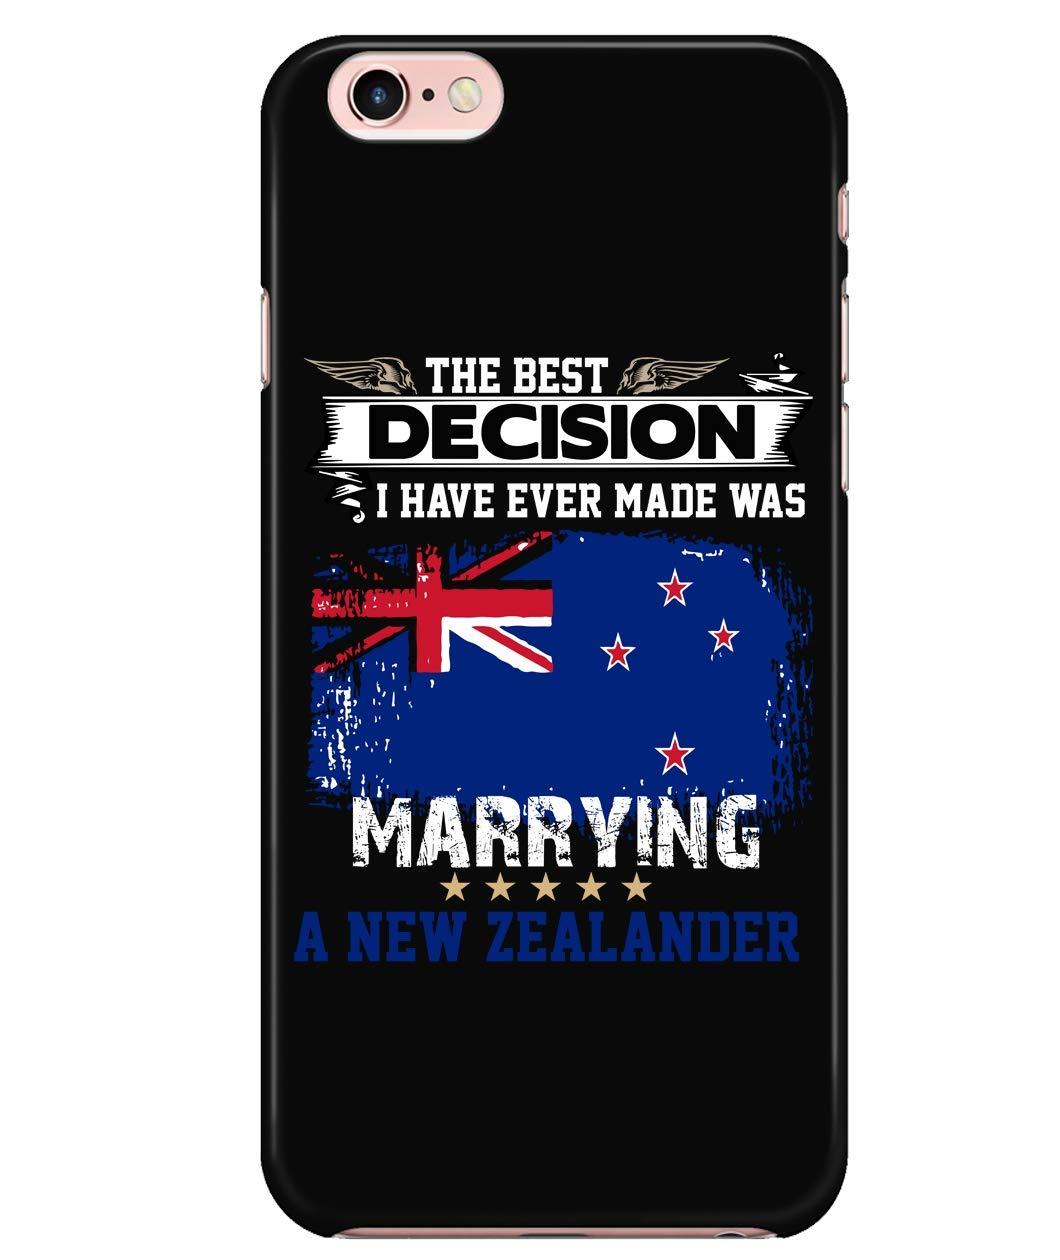 discount buy marrying iphone